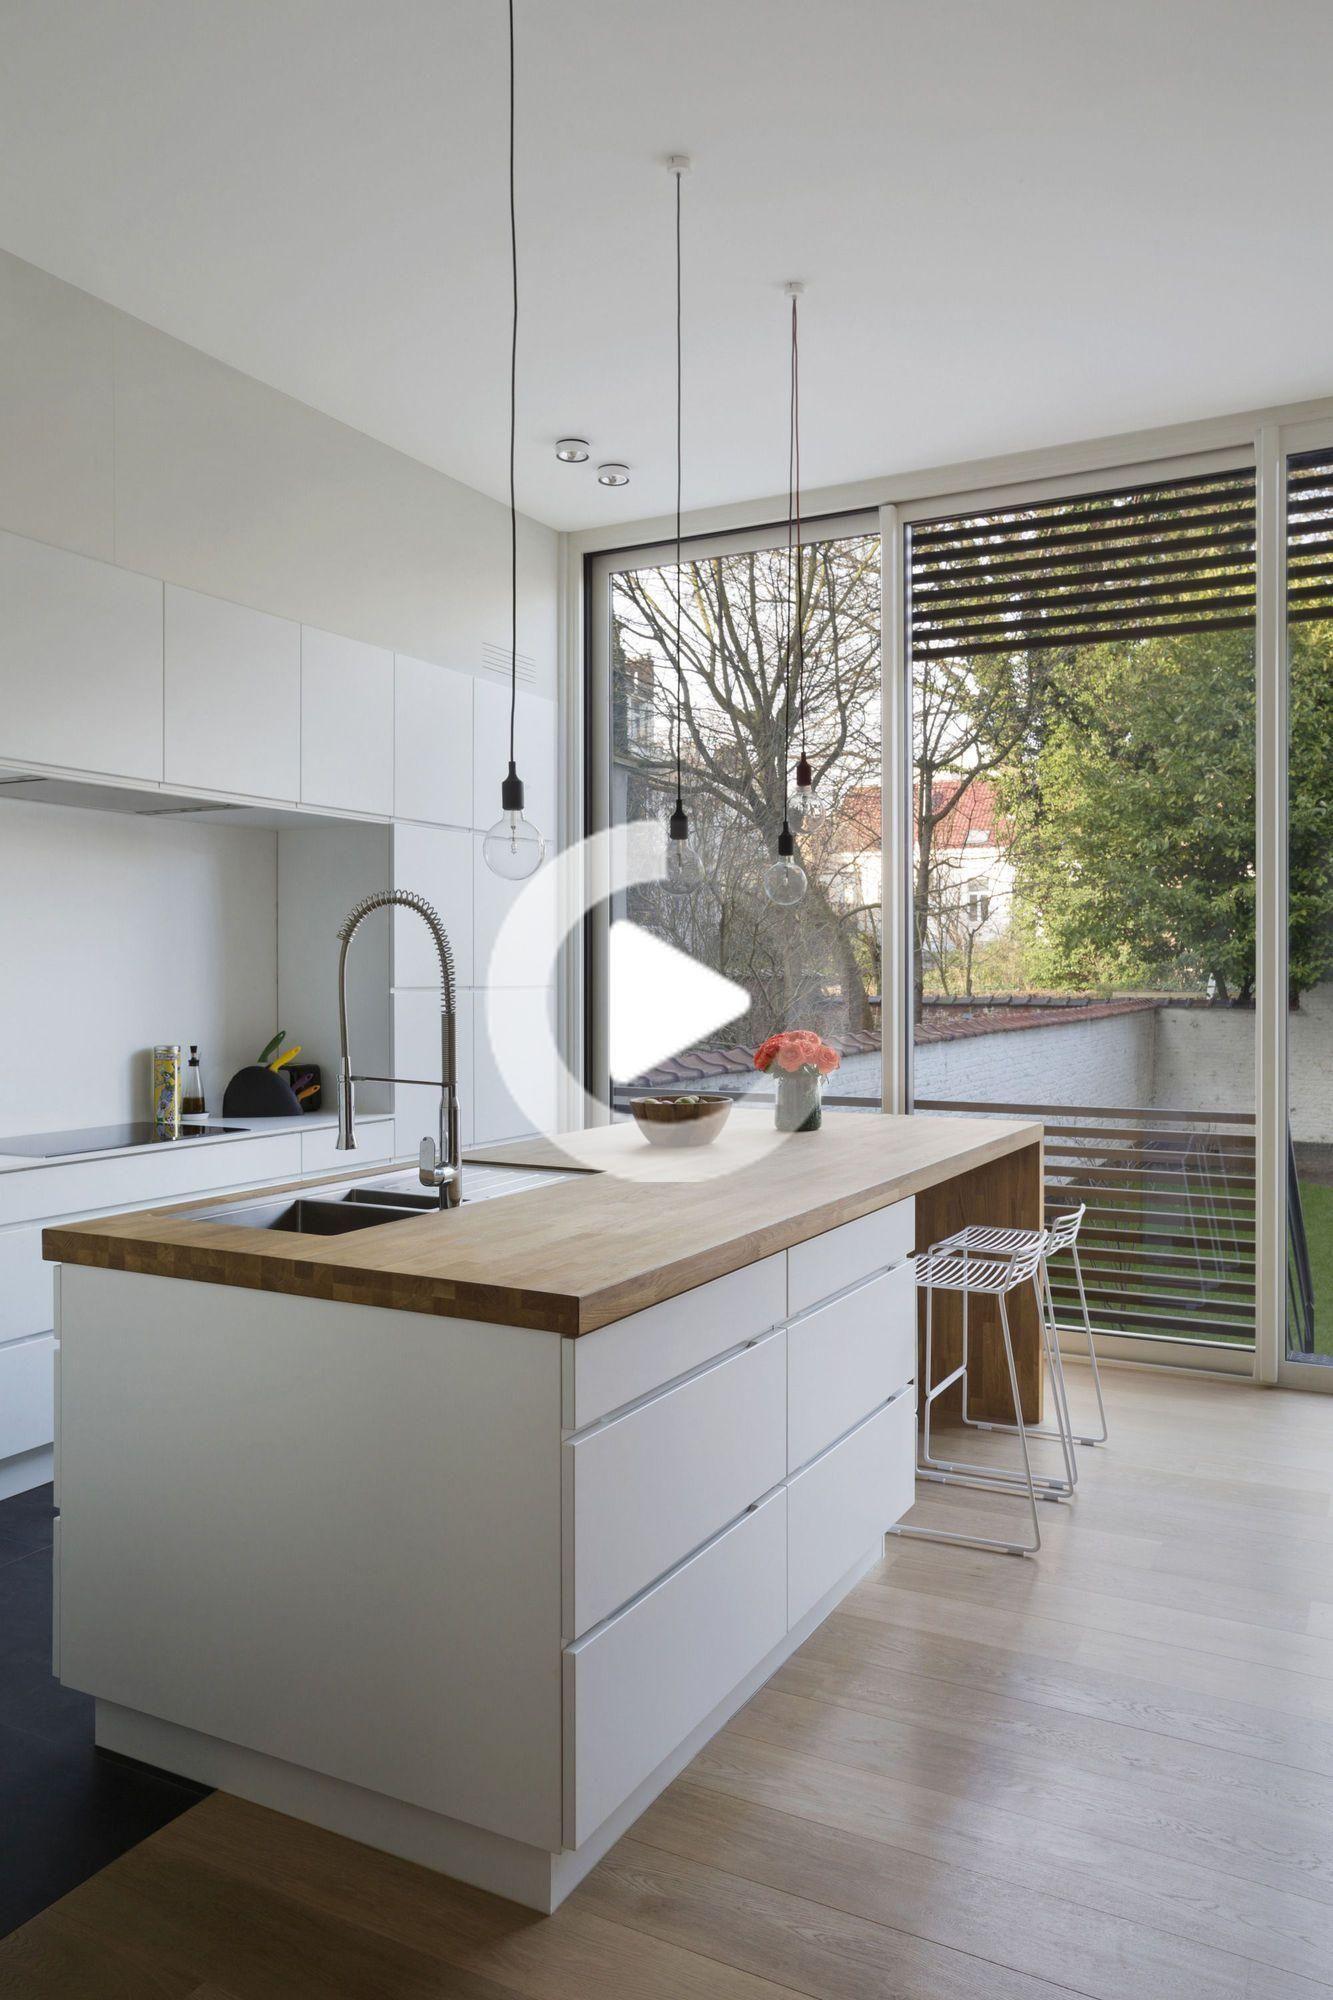 Brussel Und Stolz Auf Sie Bilder Ich Bin Gebaude In 2020 Interior Design Kitchen Kitchen Design Kitchen Interior